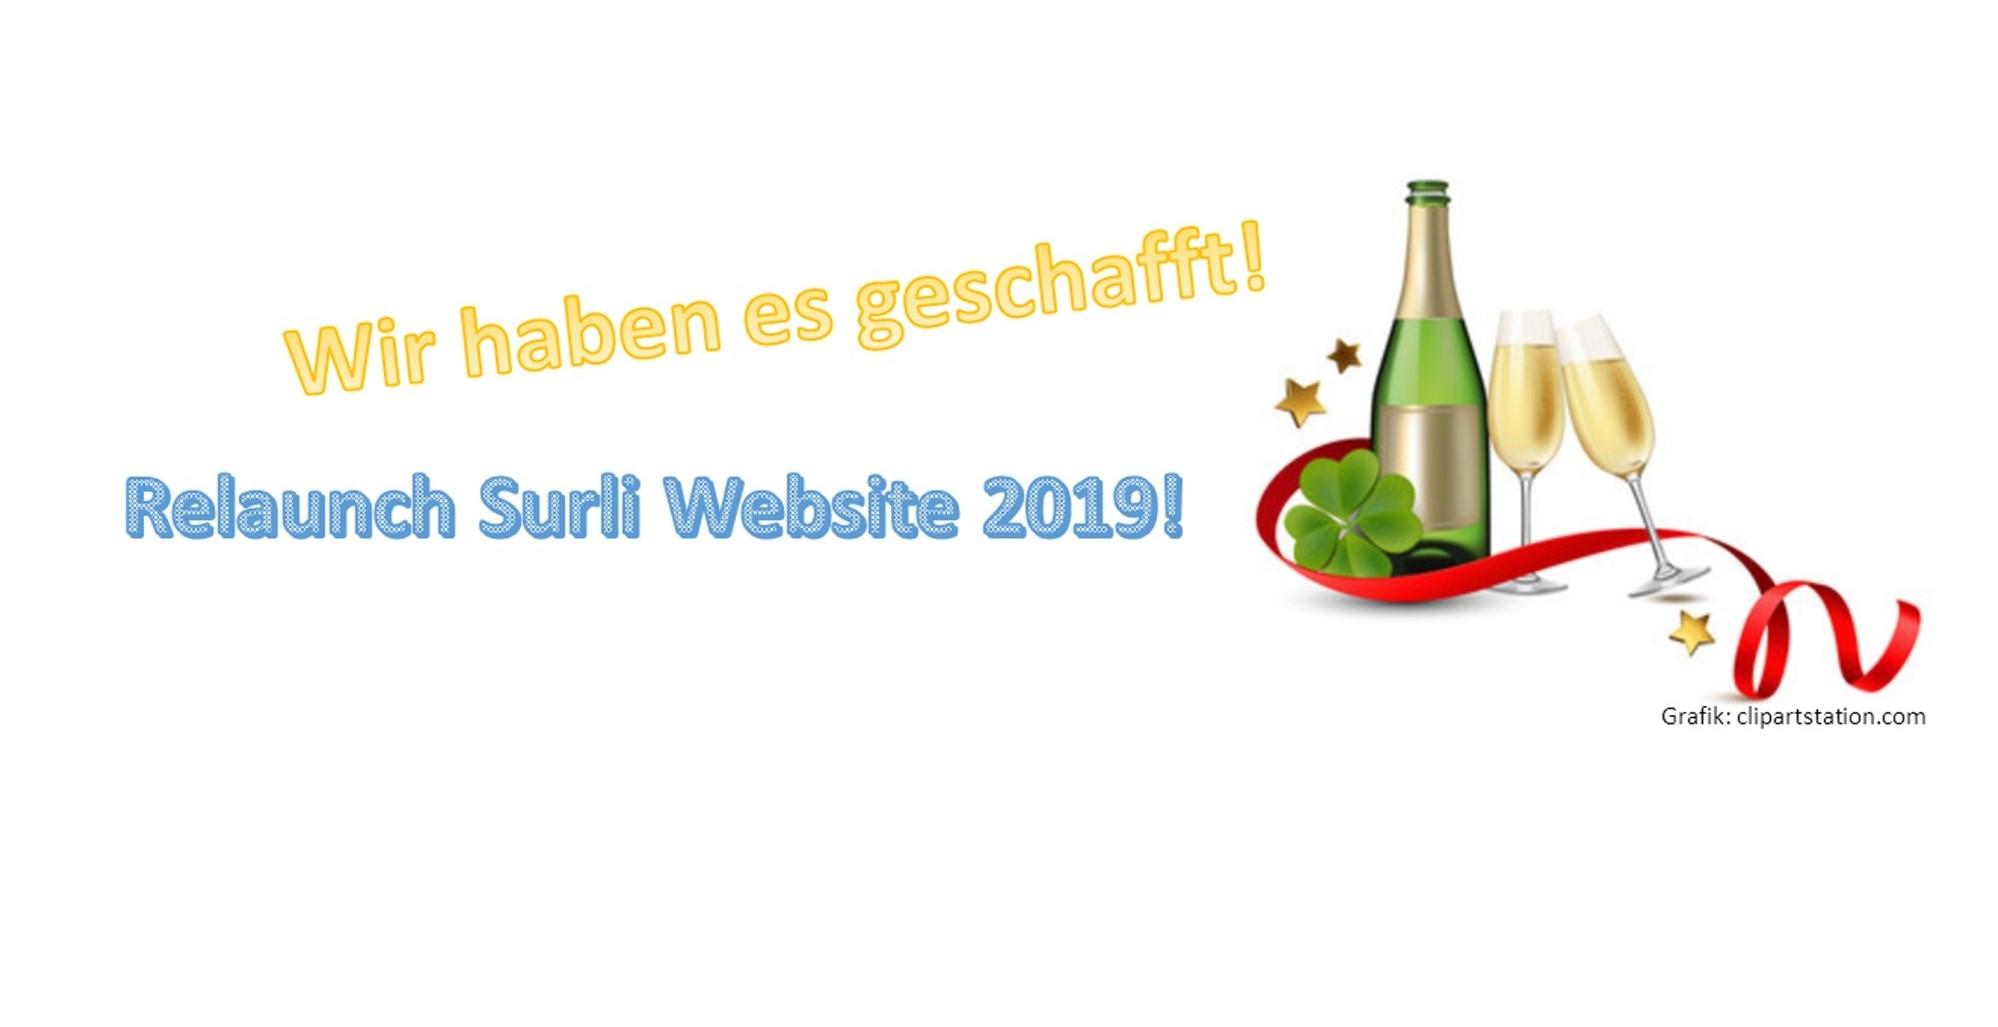 Relaunch_Surli_Website_2019